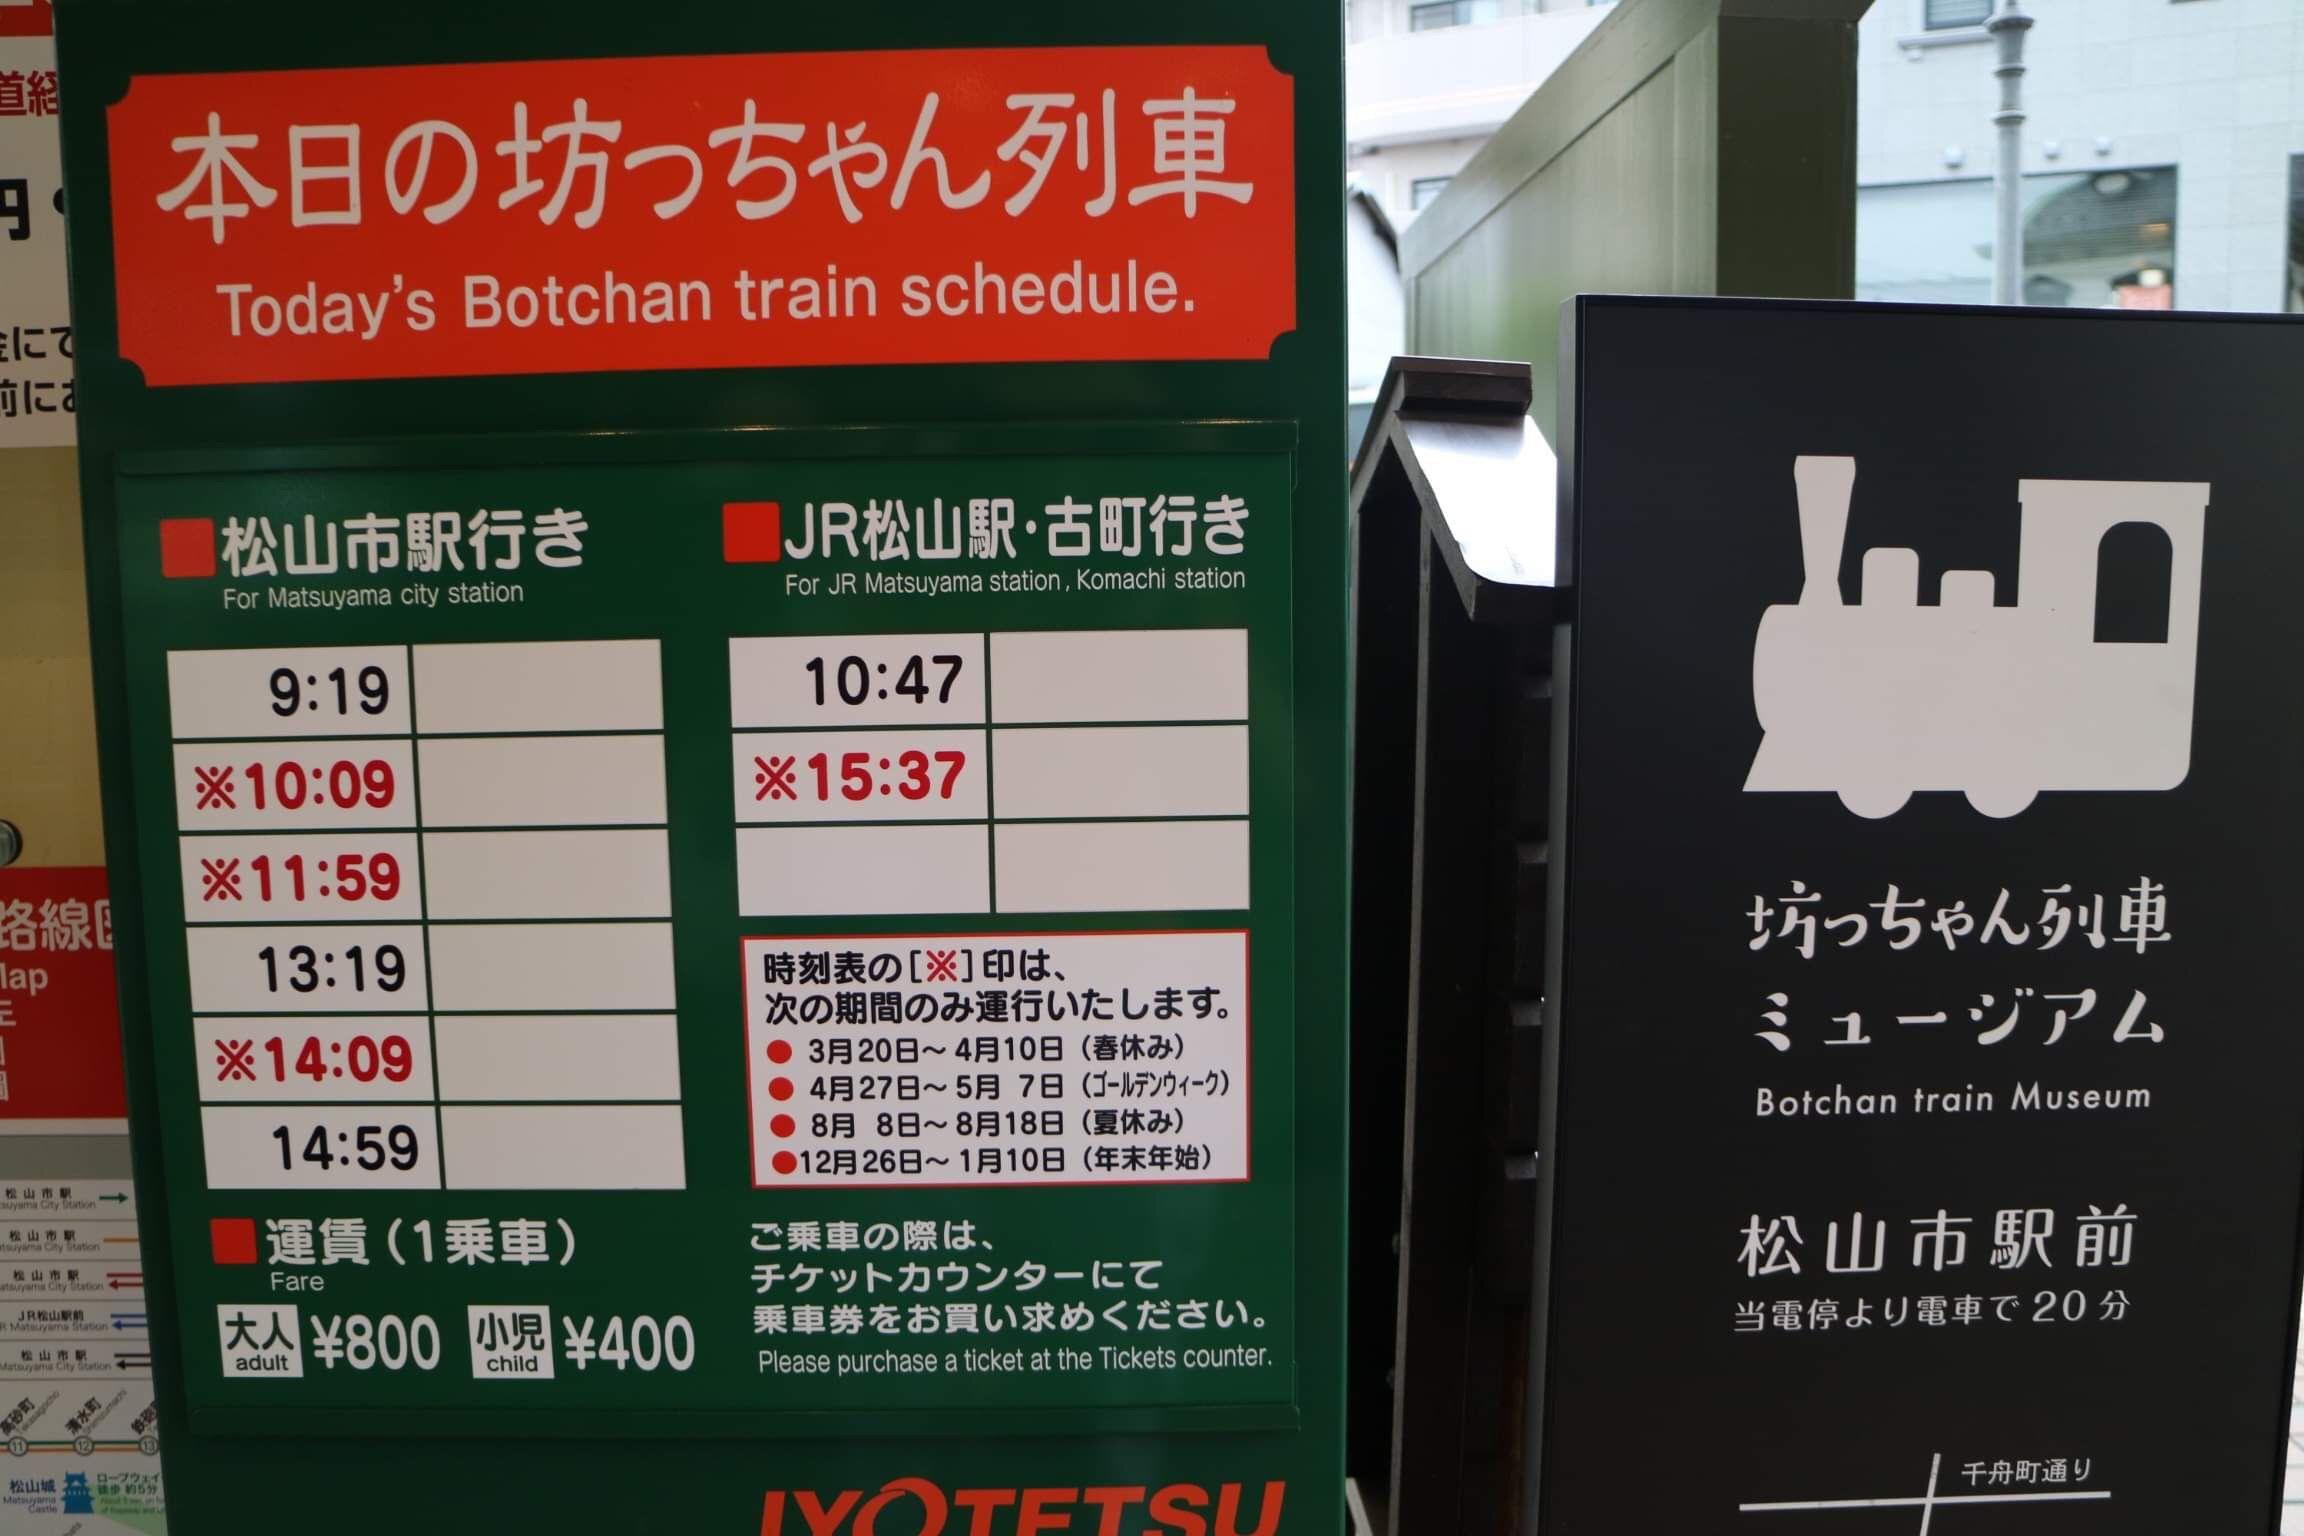 坊ちゃん列車 道後温泉駅の時刻表